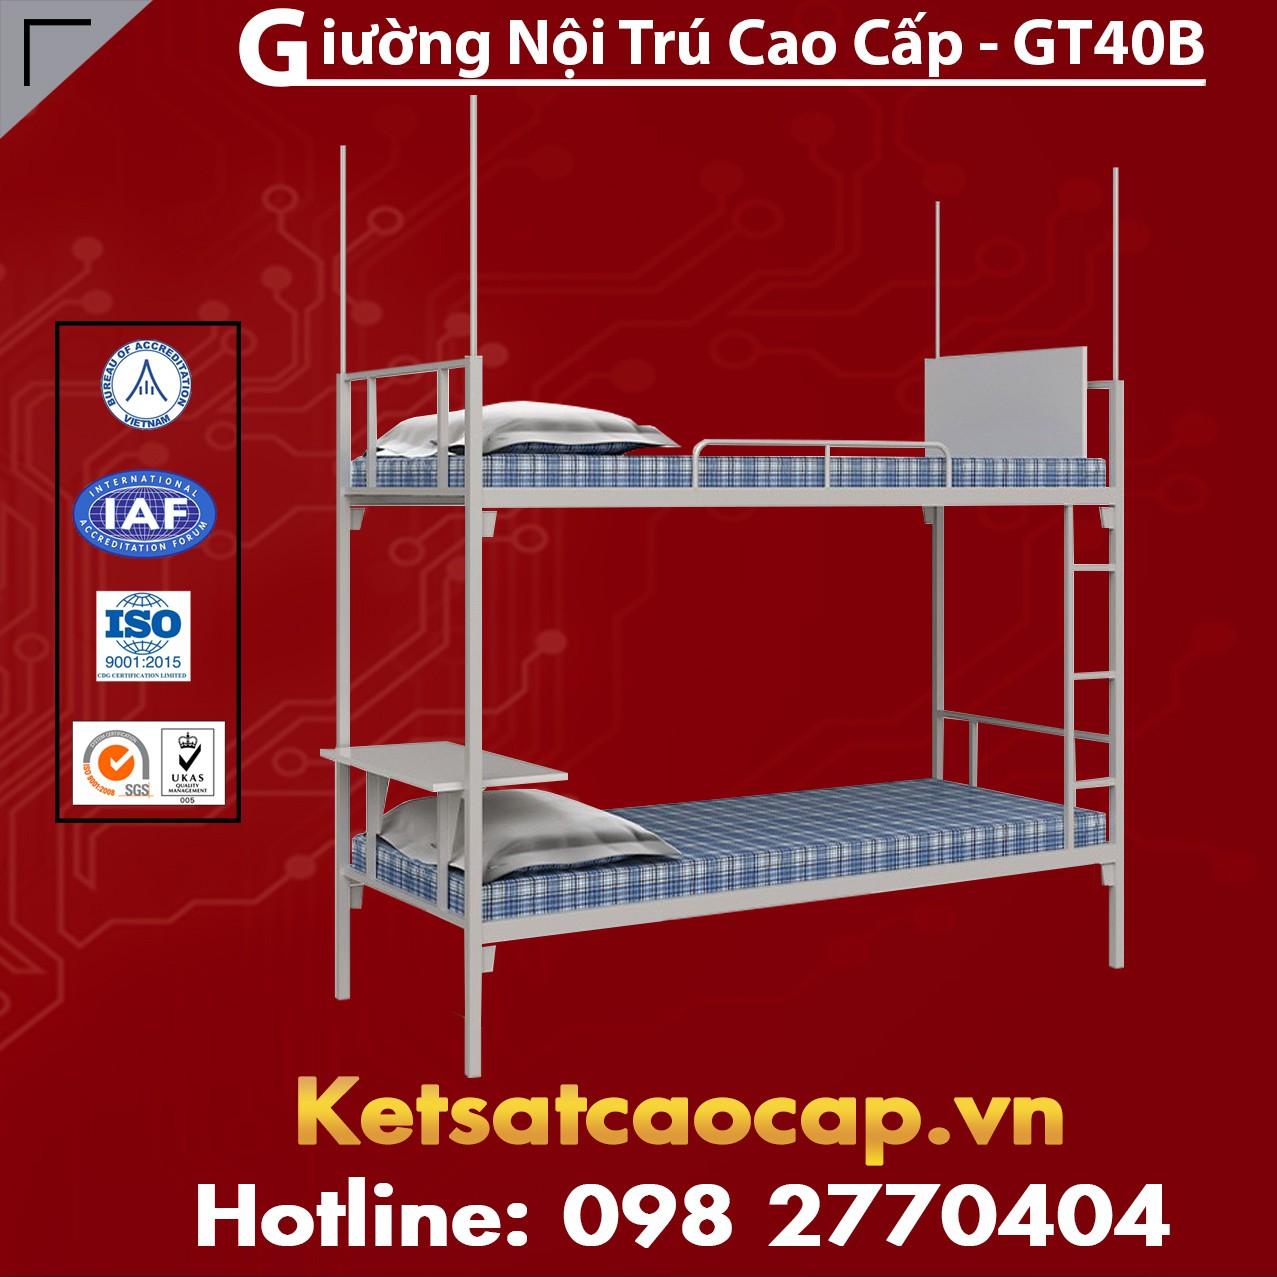 Giường Nội Trú Cao Cấp - GT40B